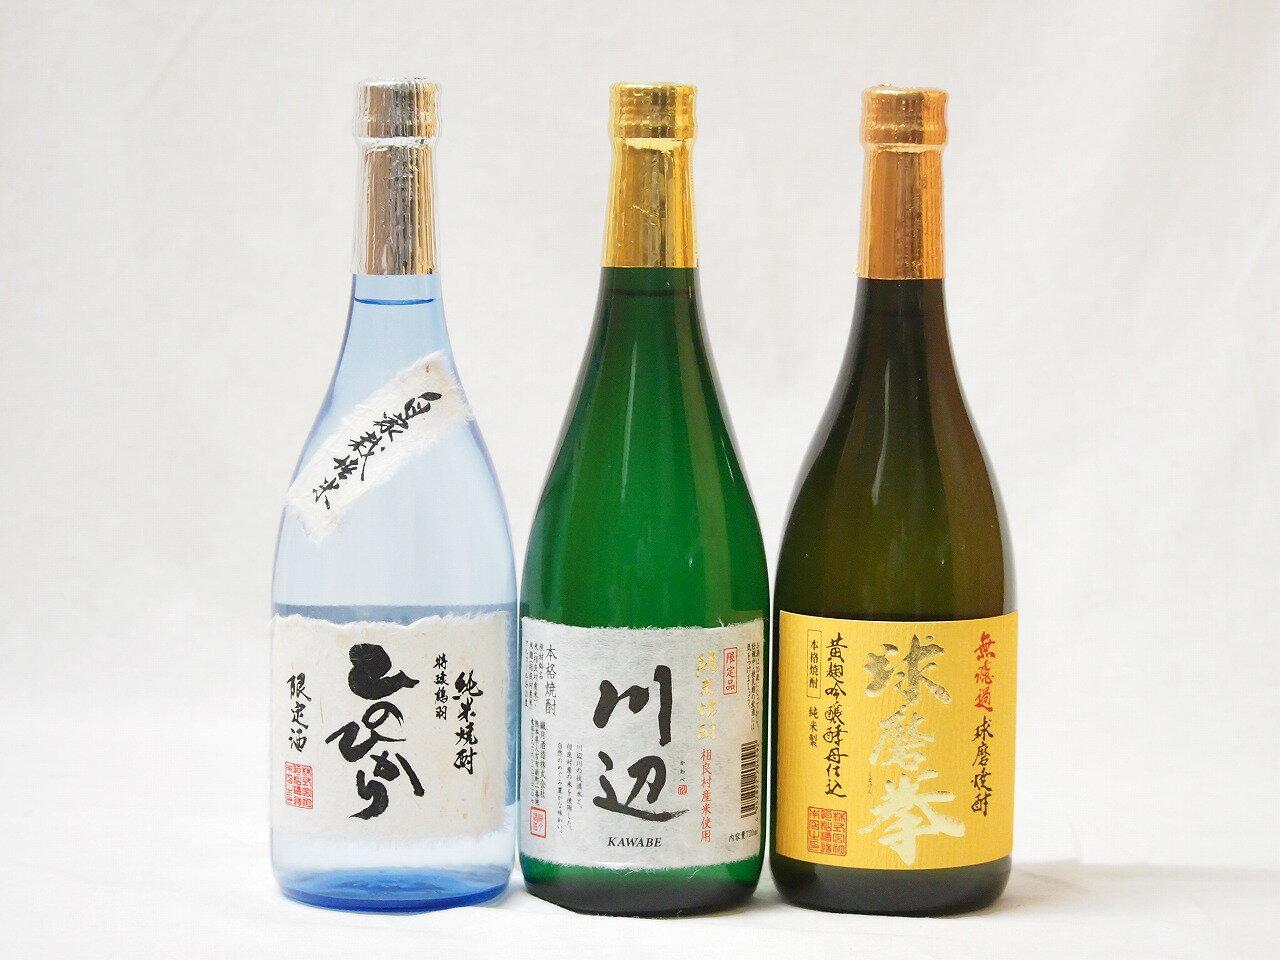 熊本県より厳選焼酎福袋セット 720ml×3本の商品画像